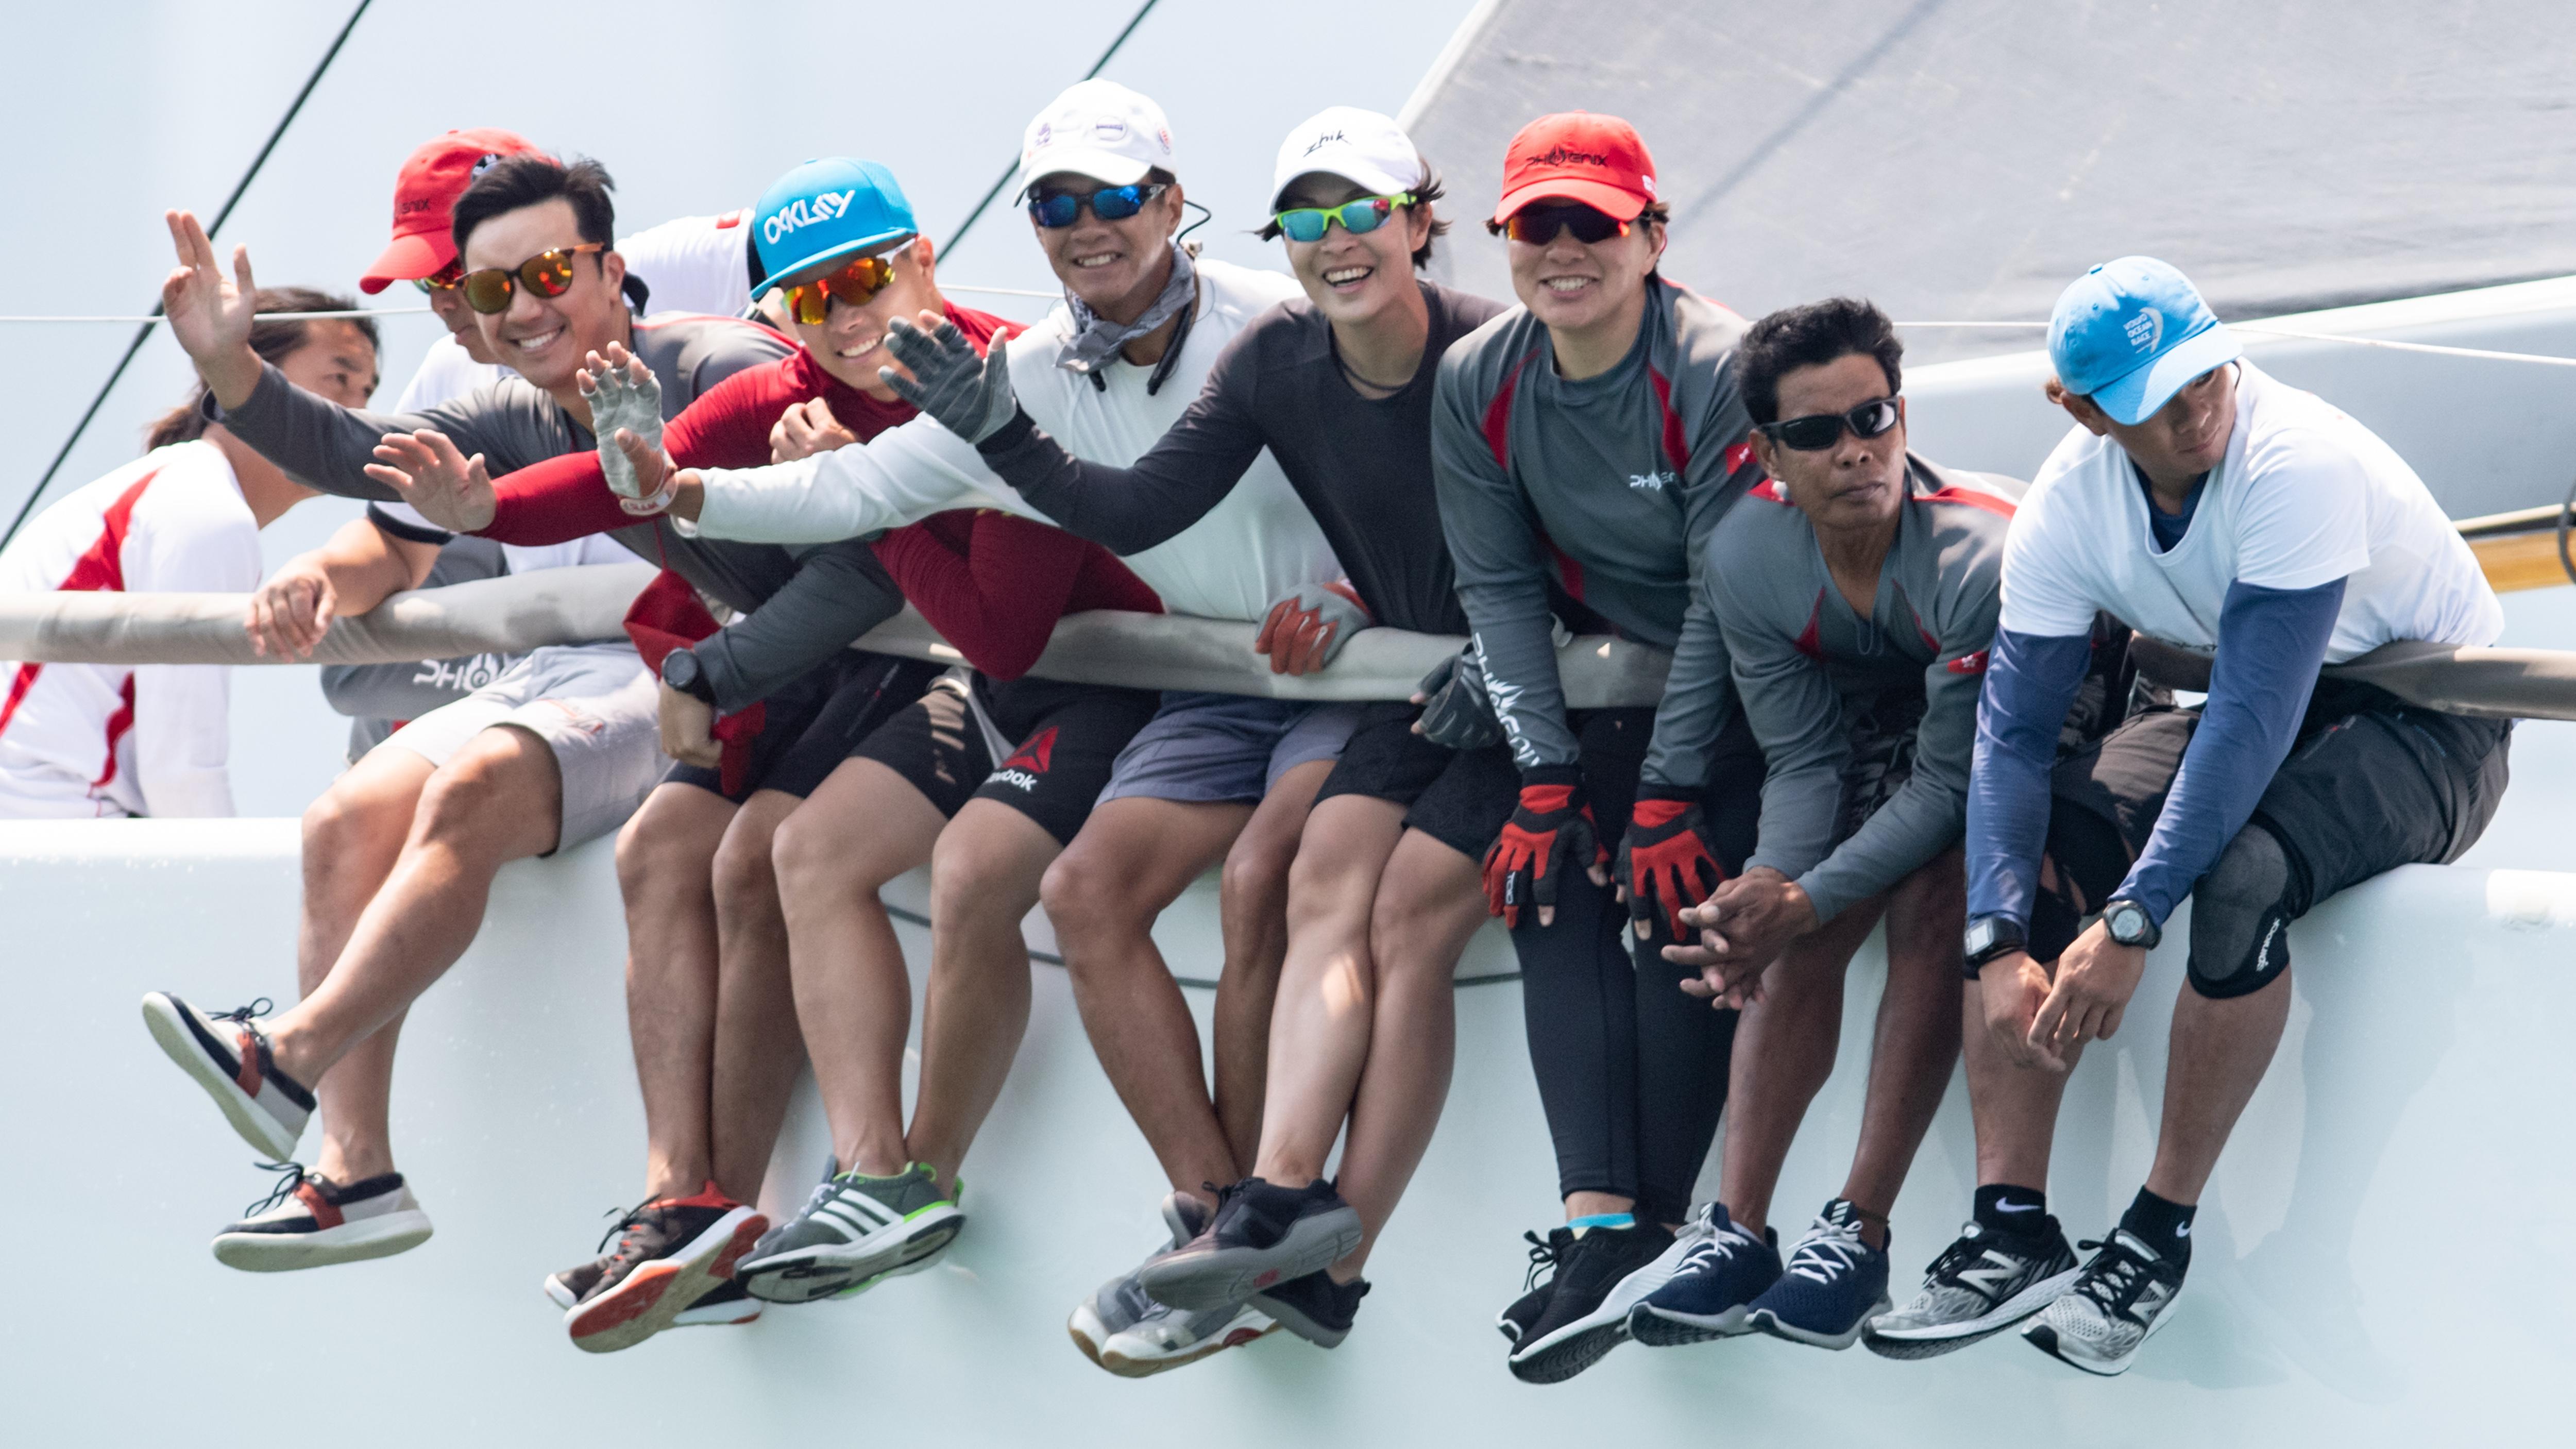 湯潔芳(右四)指自去年耶加達亞運後,今年四月起接觸大帆船,直言在大帆船上更見團隊合作精神。相片由香港香港遊艇會提供